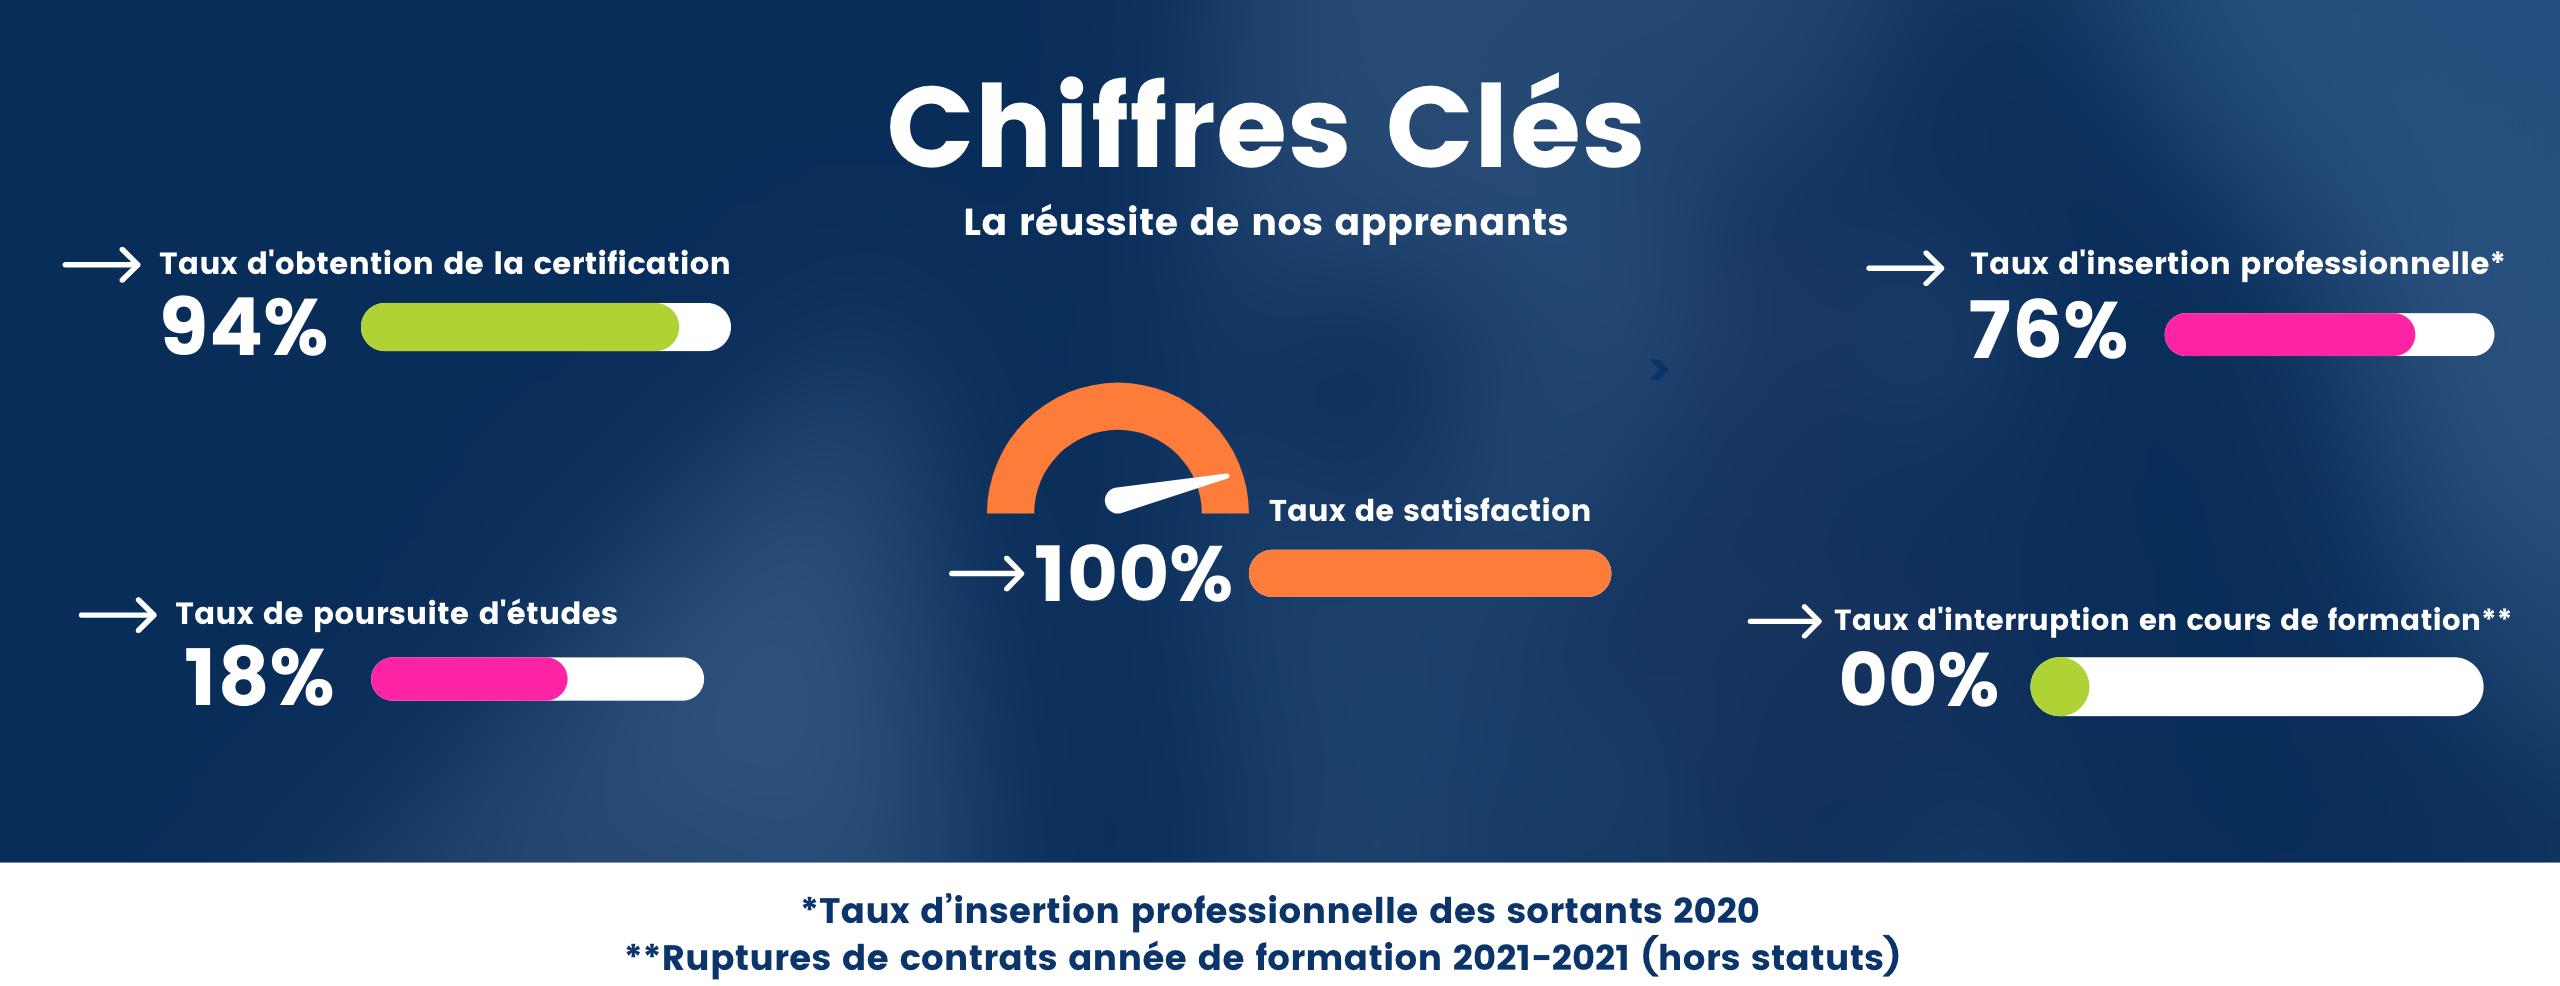 Chiffres Clés -Chef de Projet Web|EGC MARTINIQUE BUSINESS SCHOOL